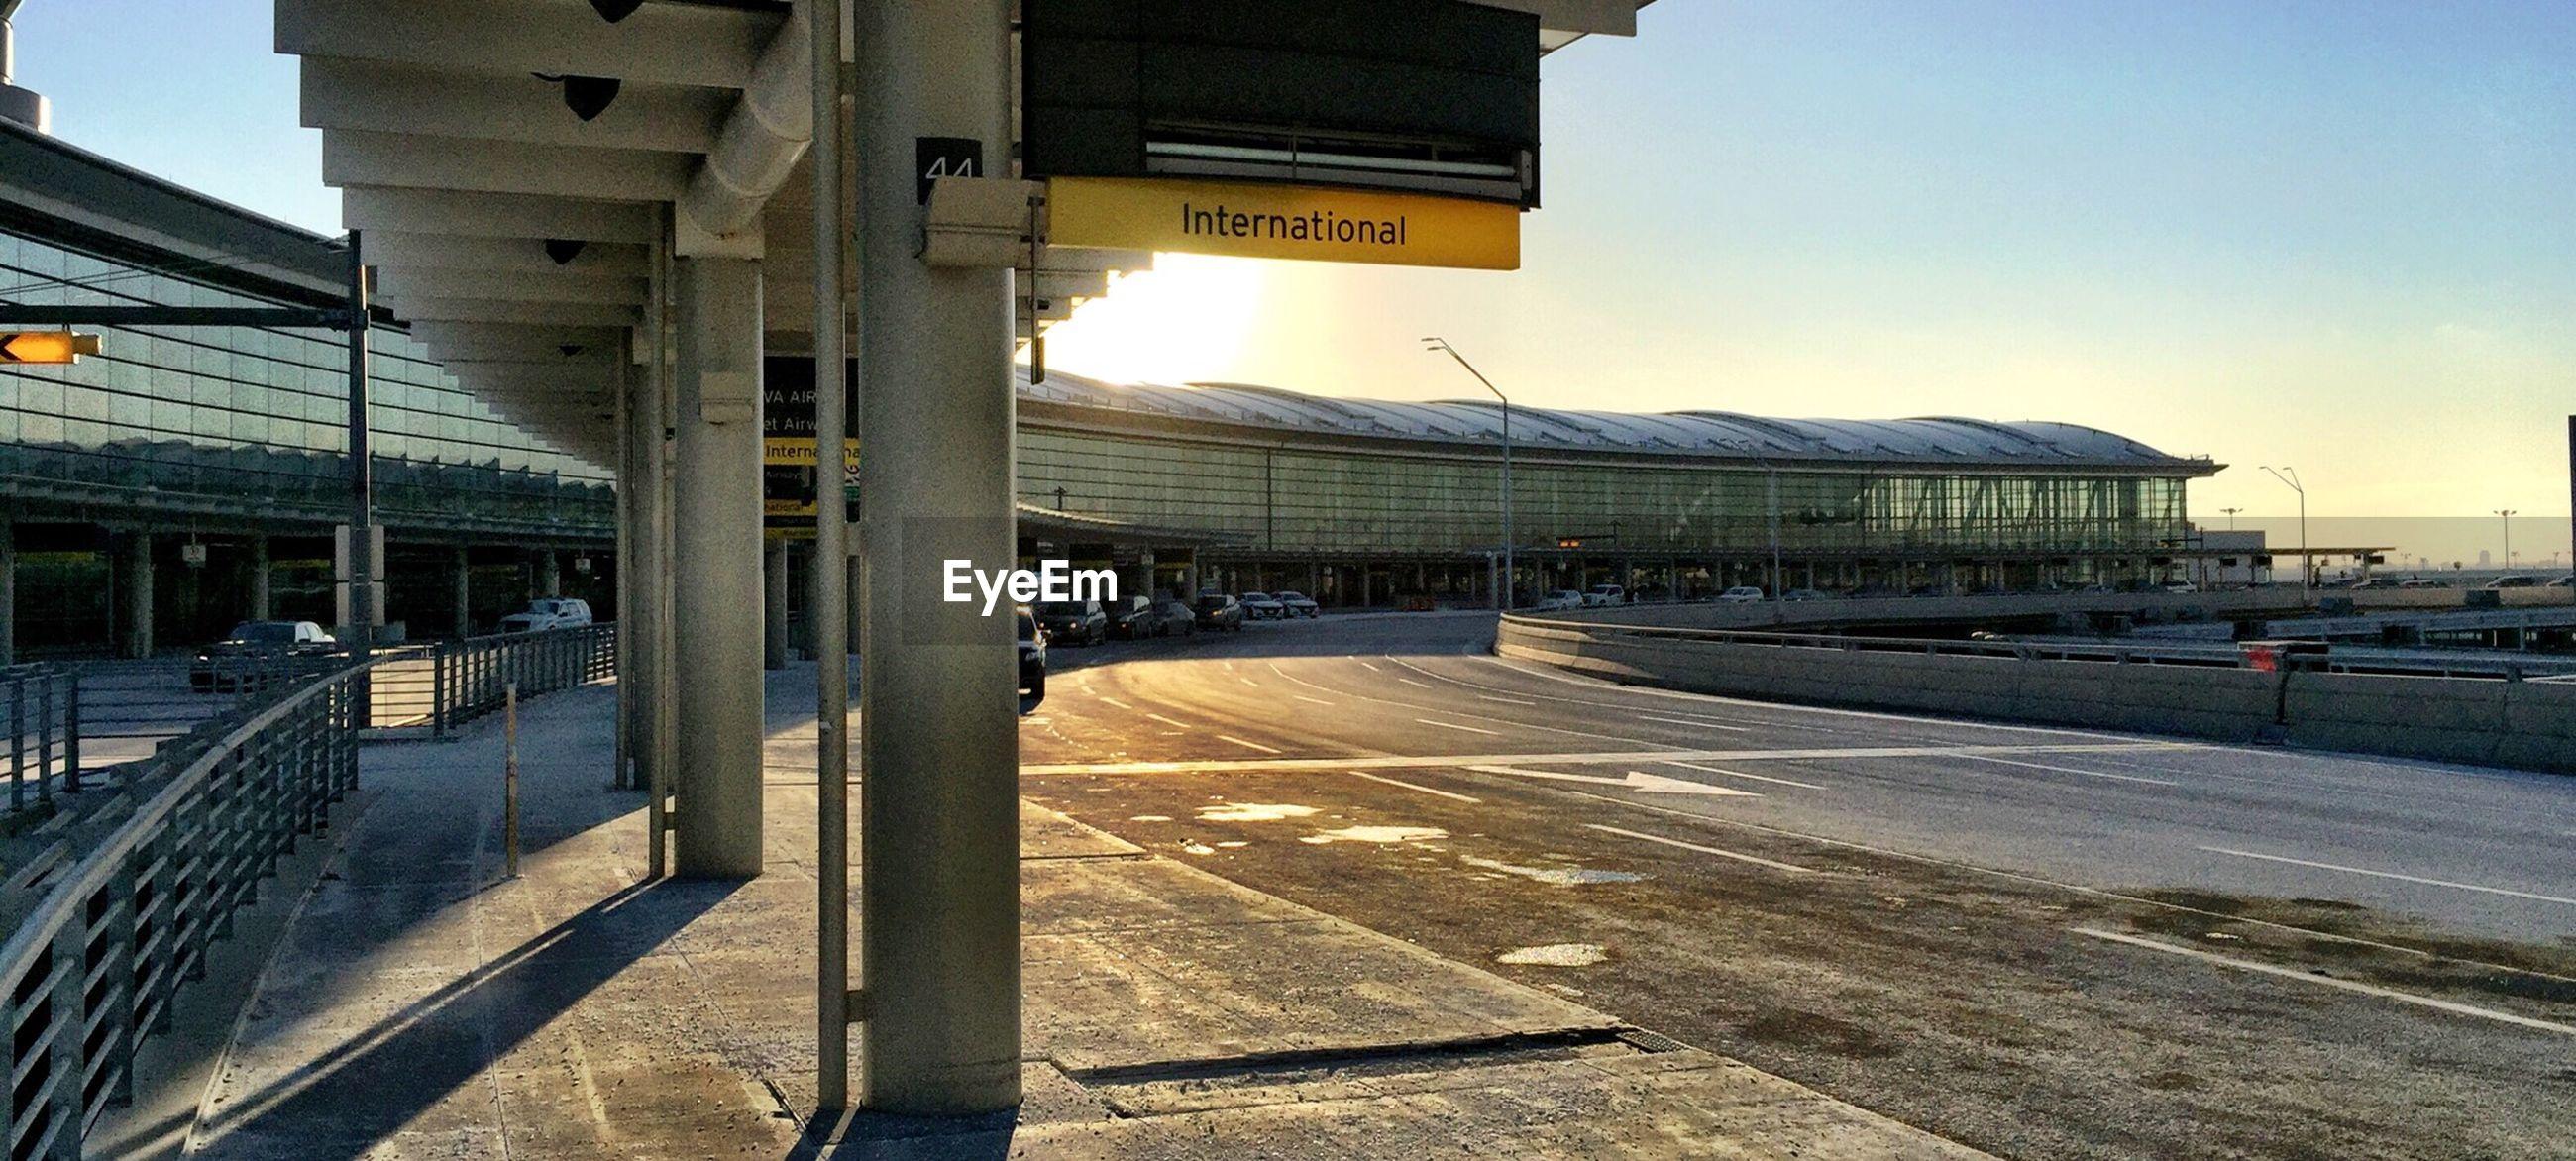 Airport runway at sunset